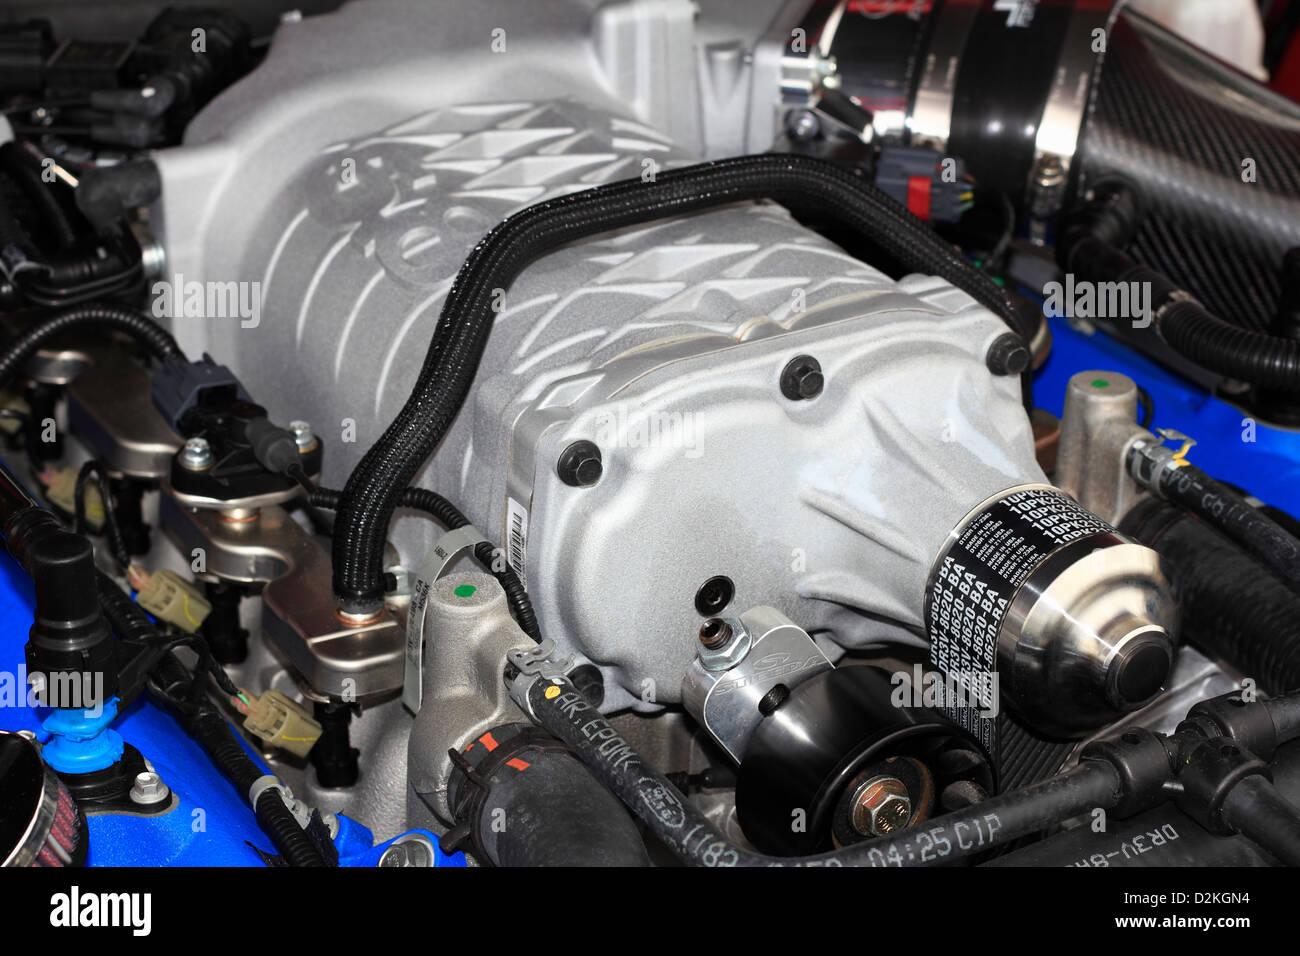 Einem Kompressor auf ein Automotor Stockfoto, Bild: 53290640 - Alamy